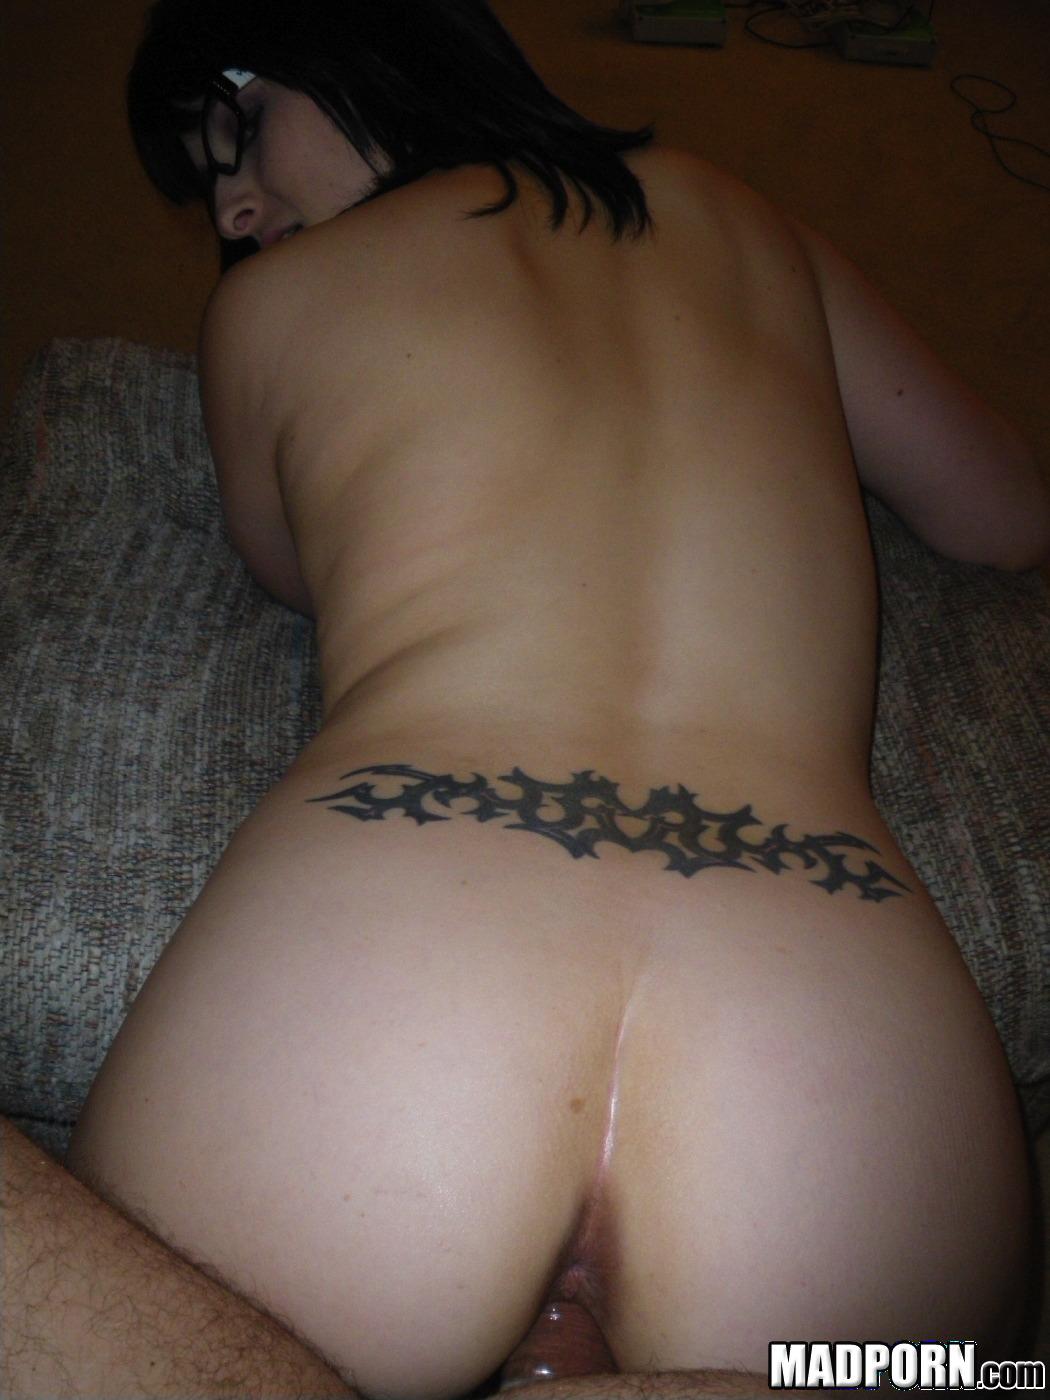 Wild homemade porn